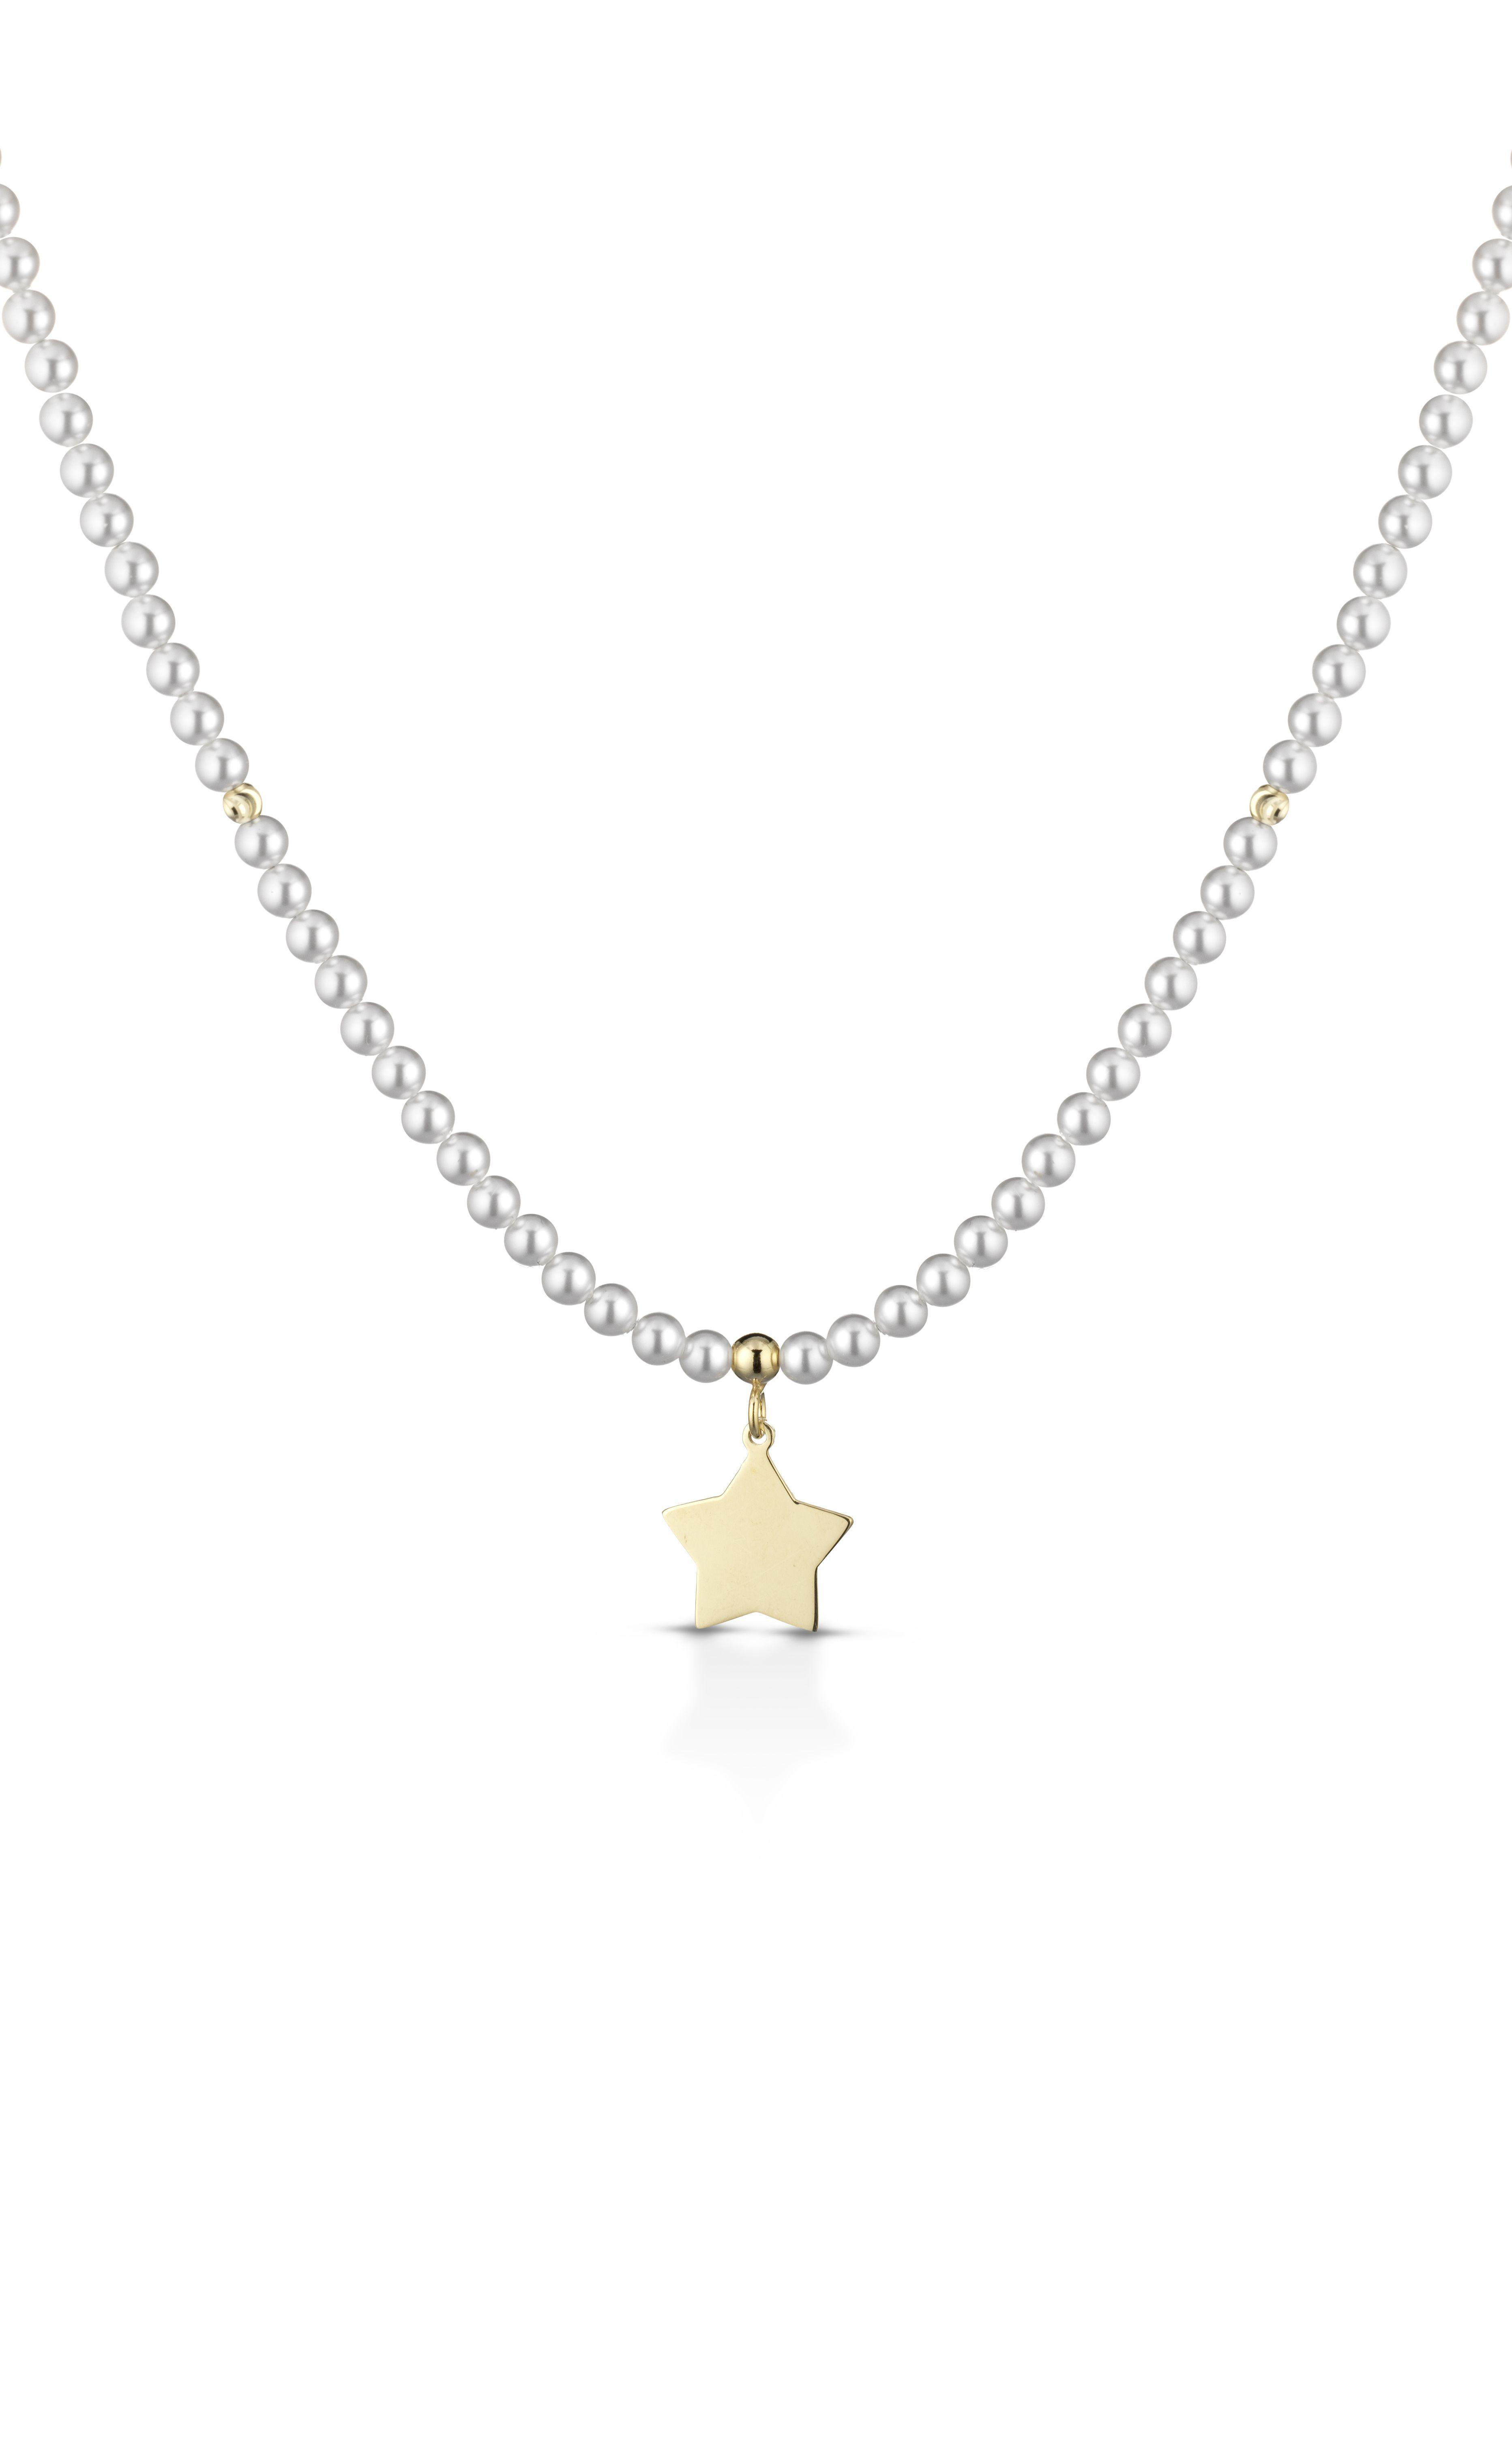 newest 23a8b ab03f Collana Collana Perle con stella pendente - cod. MF 182 ...